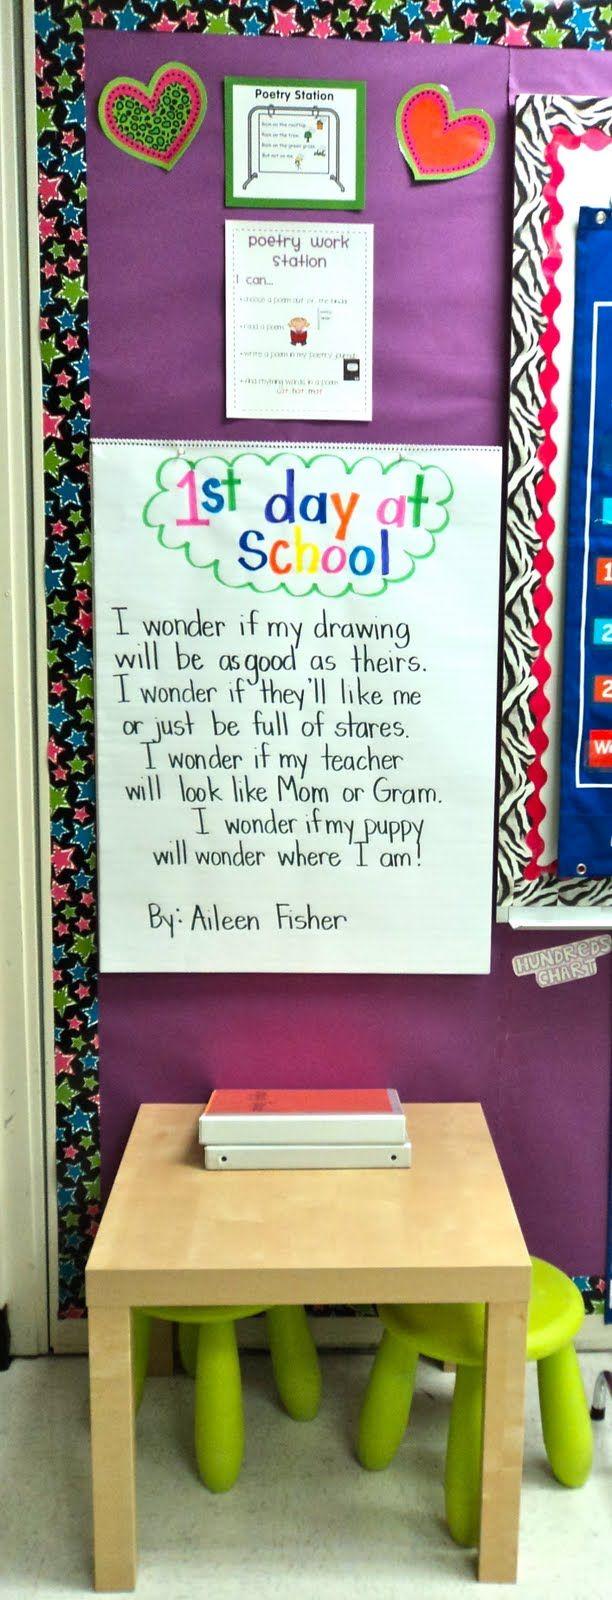 First week of school poem